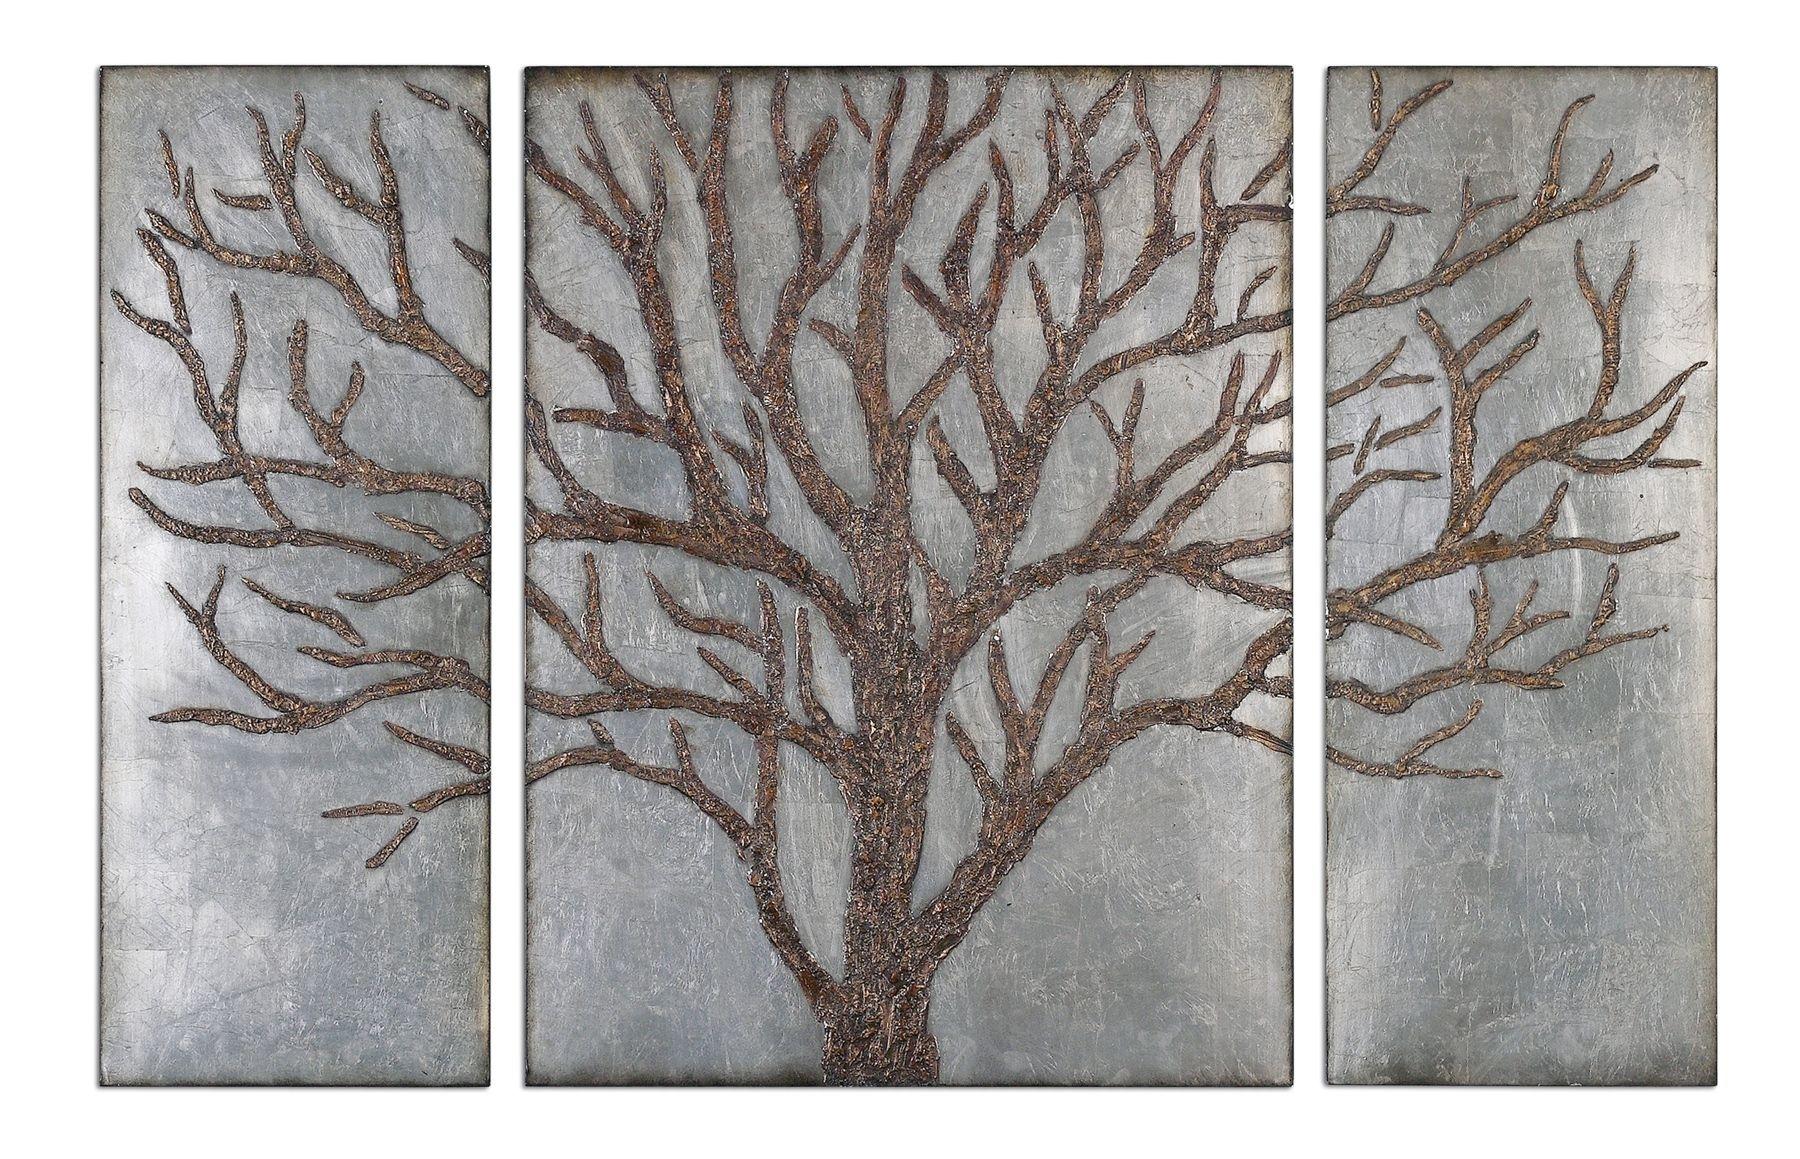 Large Rustic Wall Art – Turbid With Regard To Best And Newest Large Rustic Wall Art (View 12 of 20)